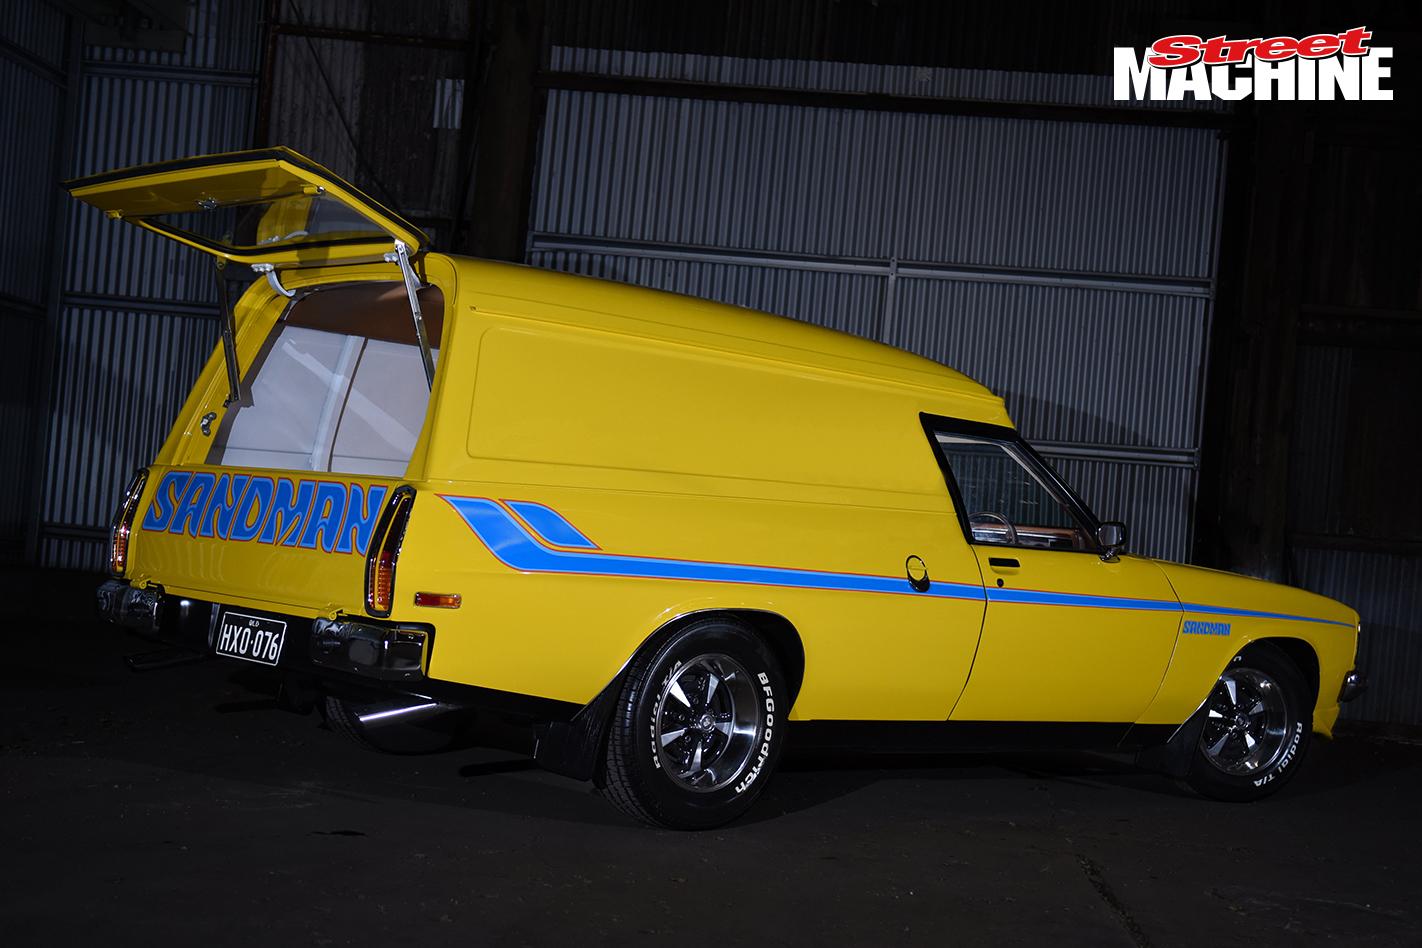 Hx Holden Sandman Reader S Car Of The Week Street Machine